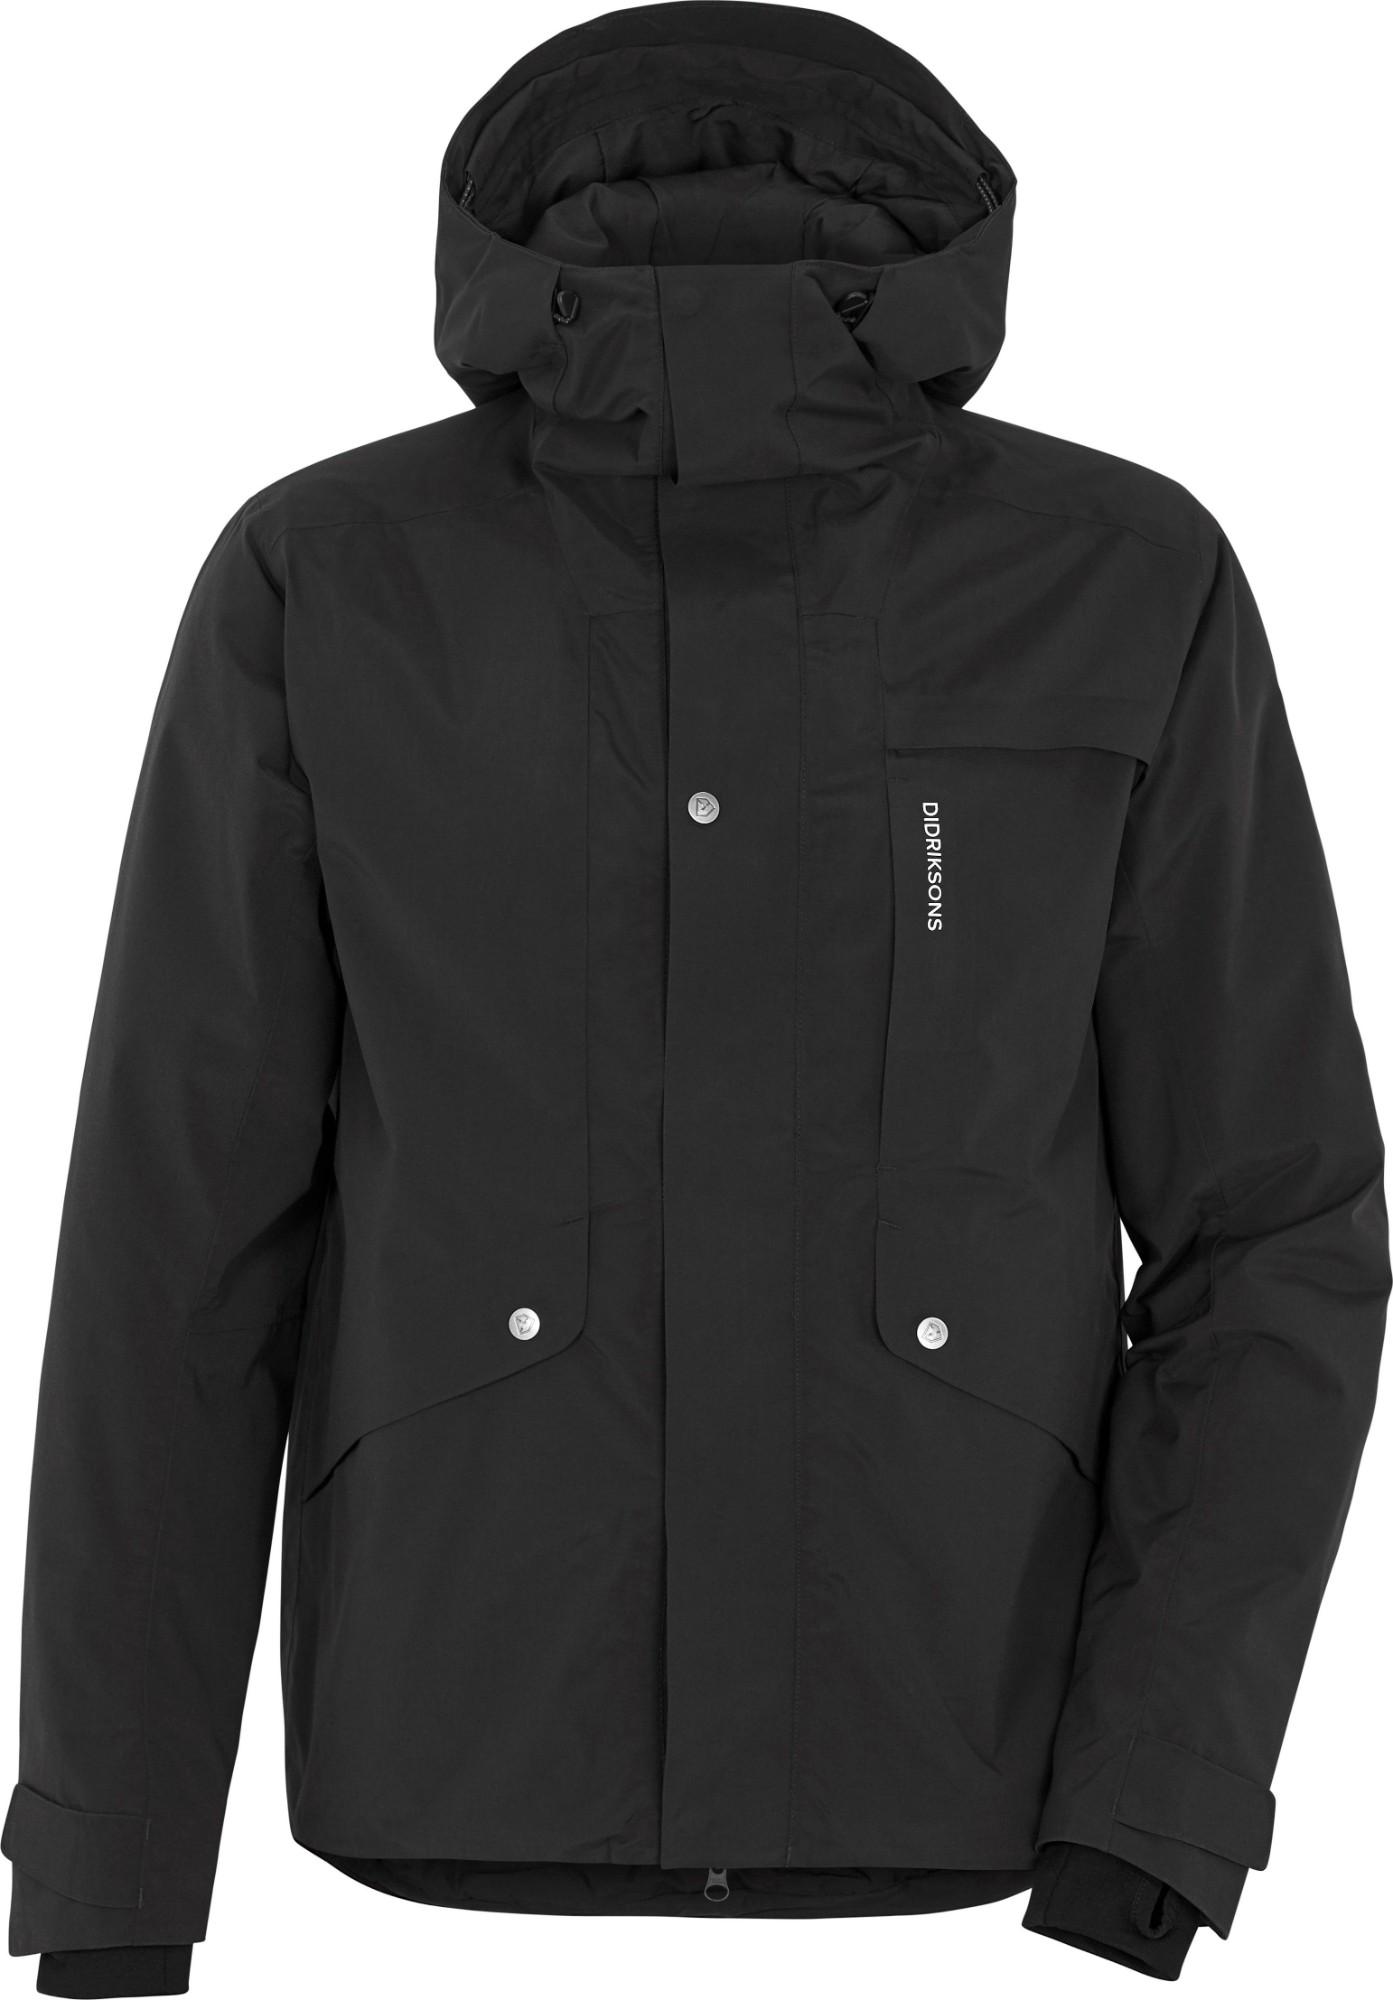 DIDRIKSONS Stern Jacket Black L